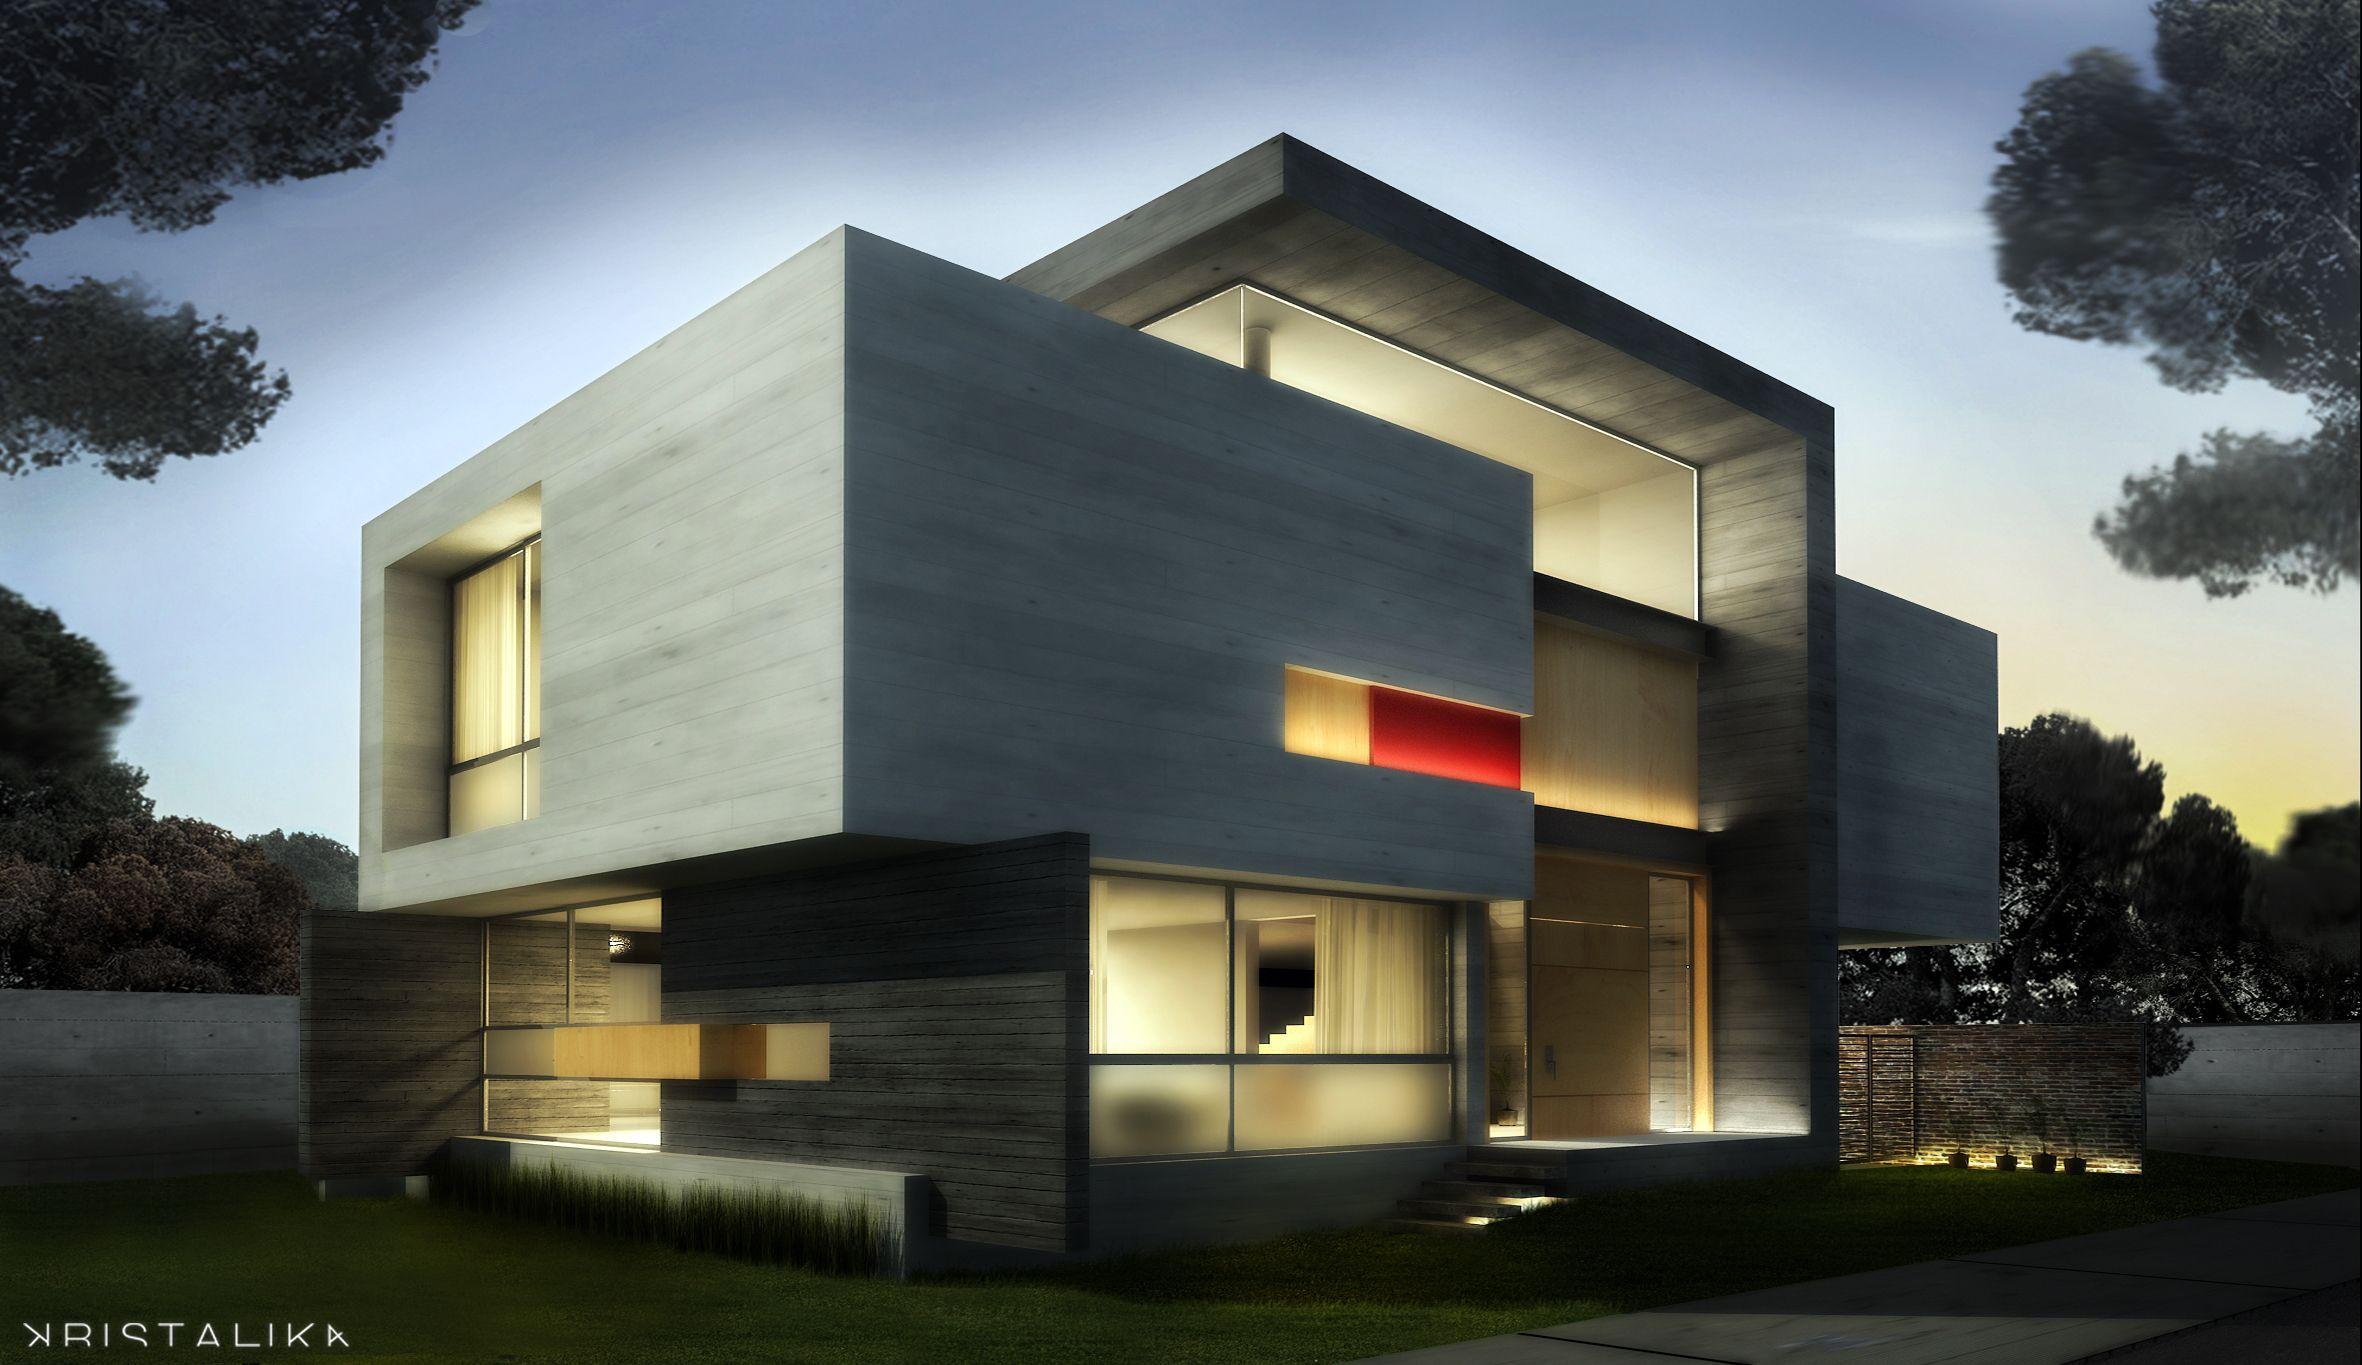 EL CIELO HOUSE | Krist...